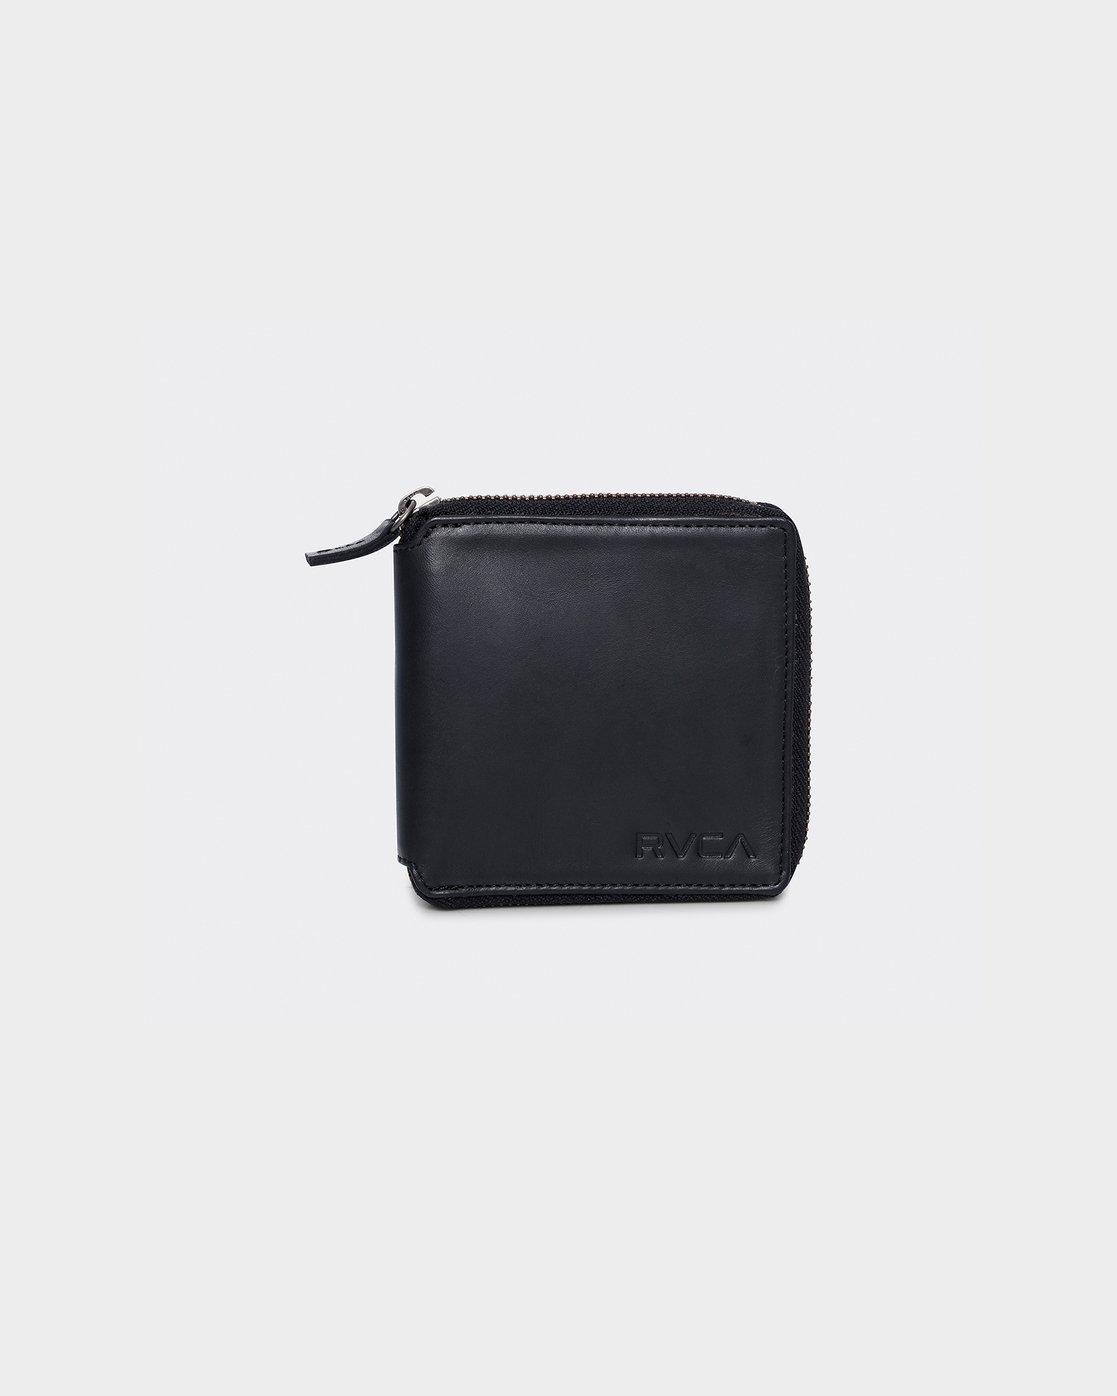 0 RVCA Executive Zip Wallet  R172603 RVCA